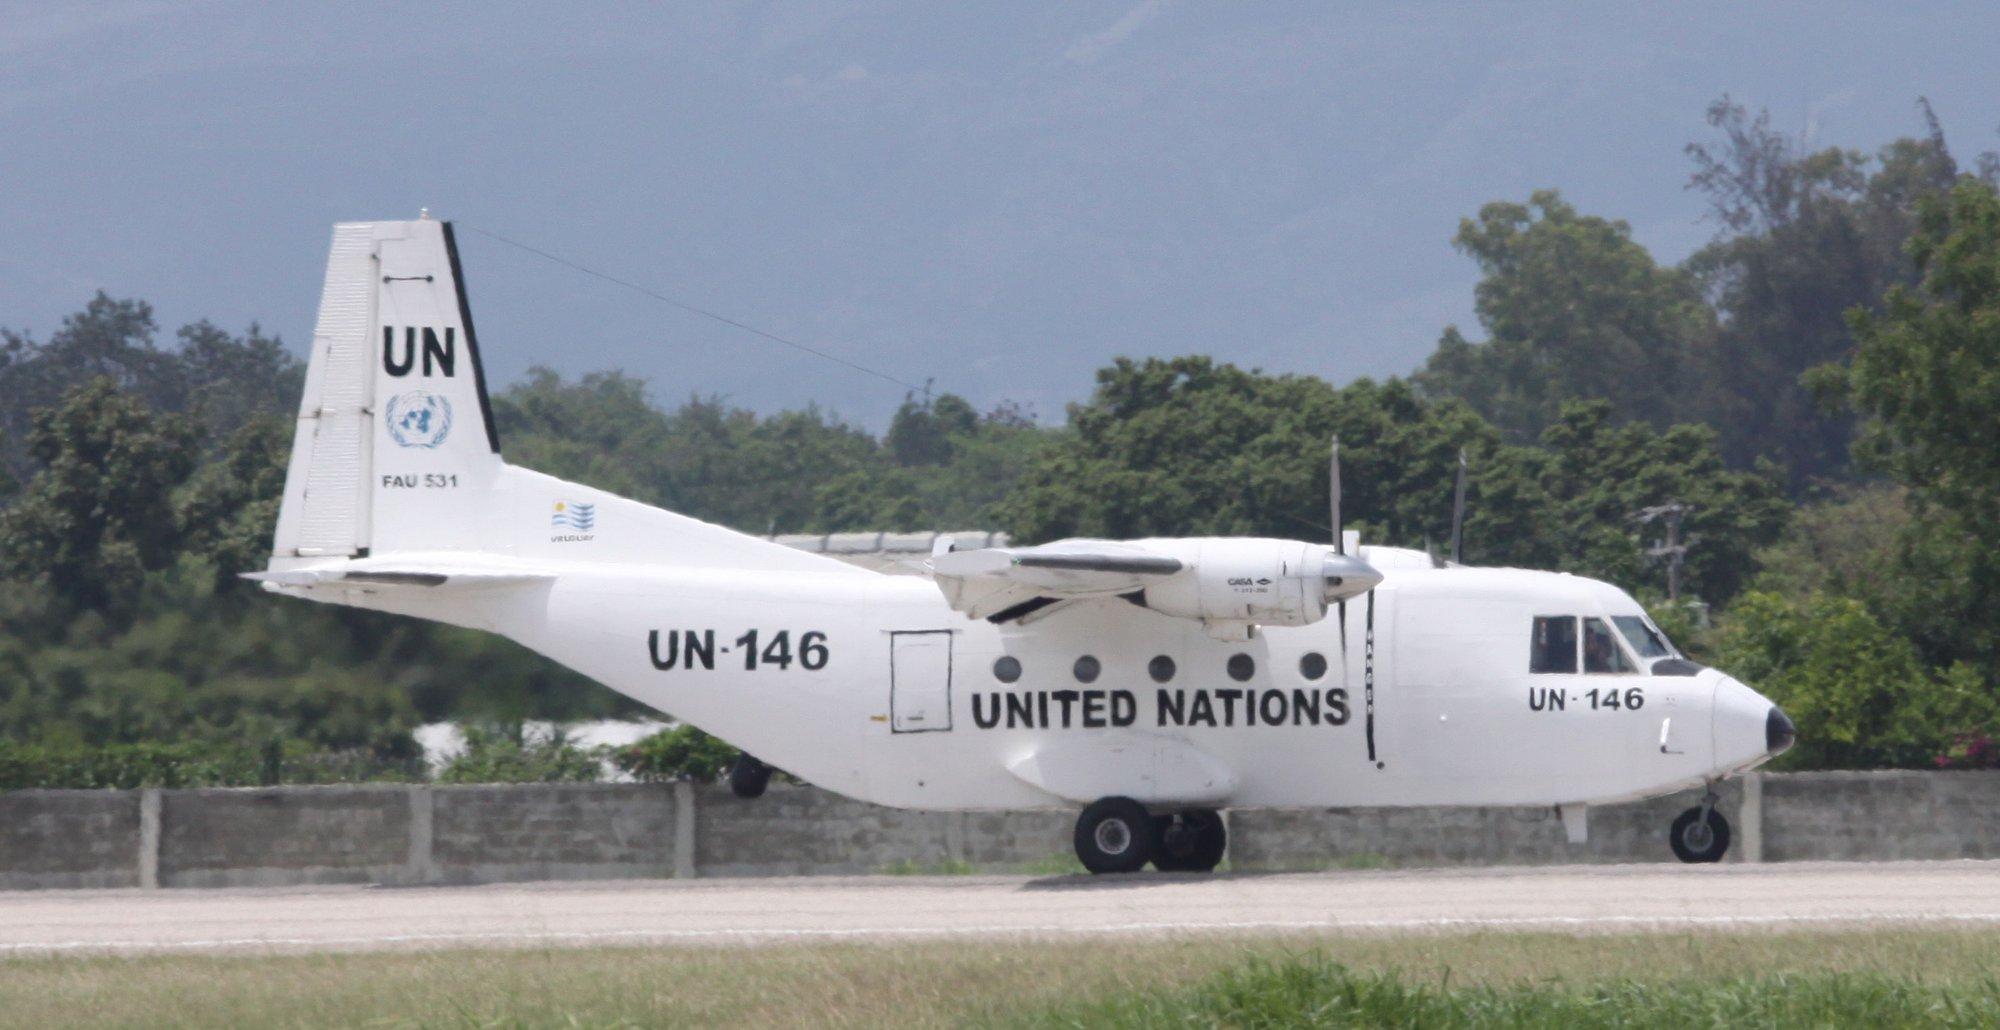 bimoteur a ailes hautes sur LFCS CASA212_FAU-531-UN-146